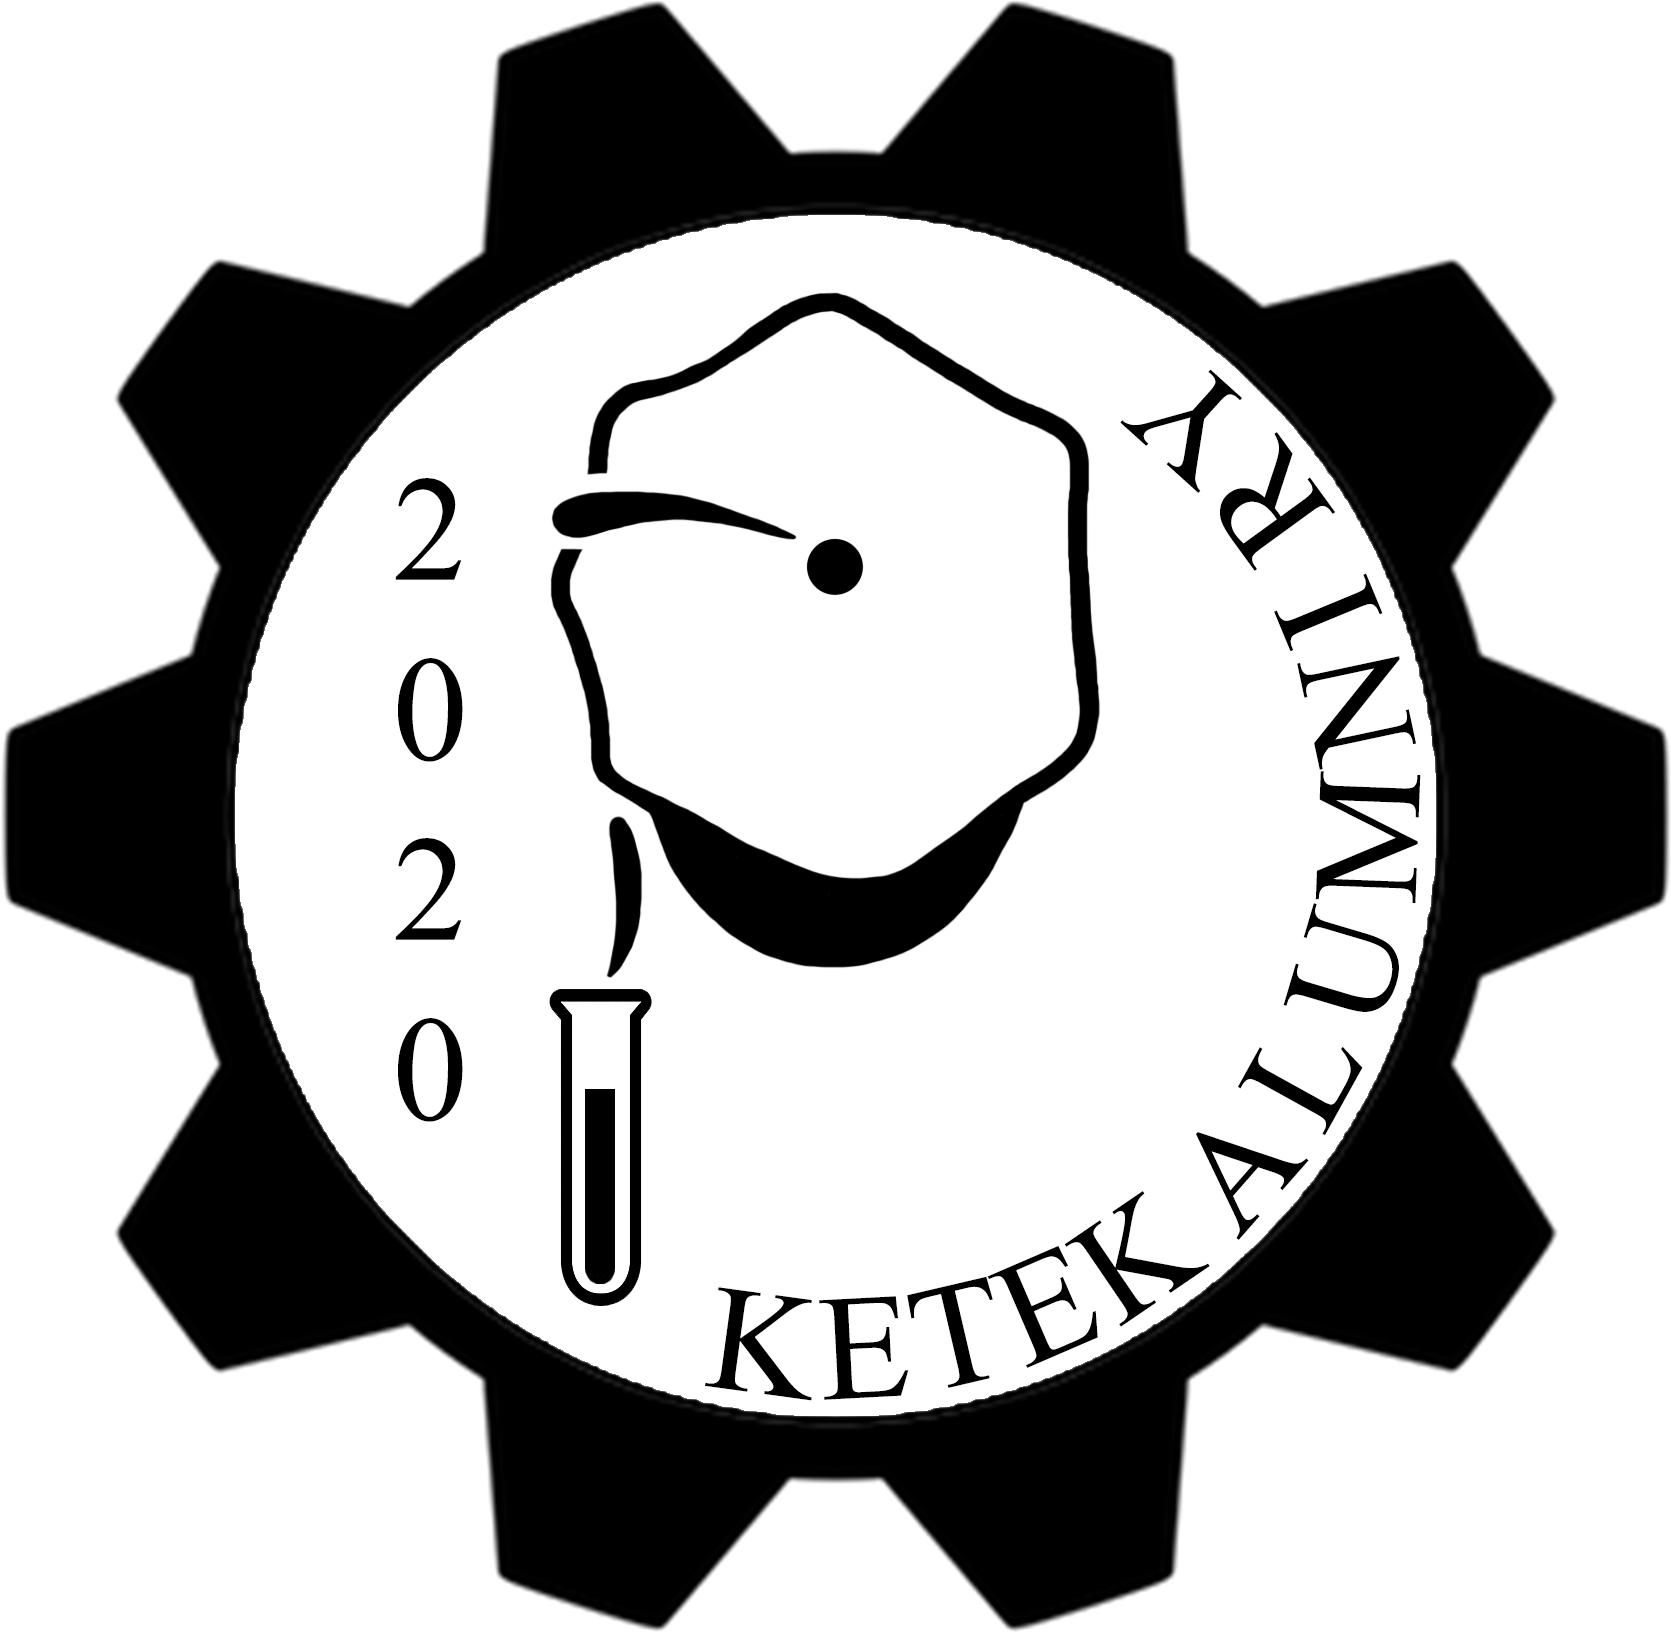 KeTeK Alumni ry logo